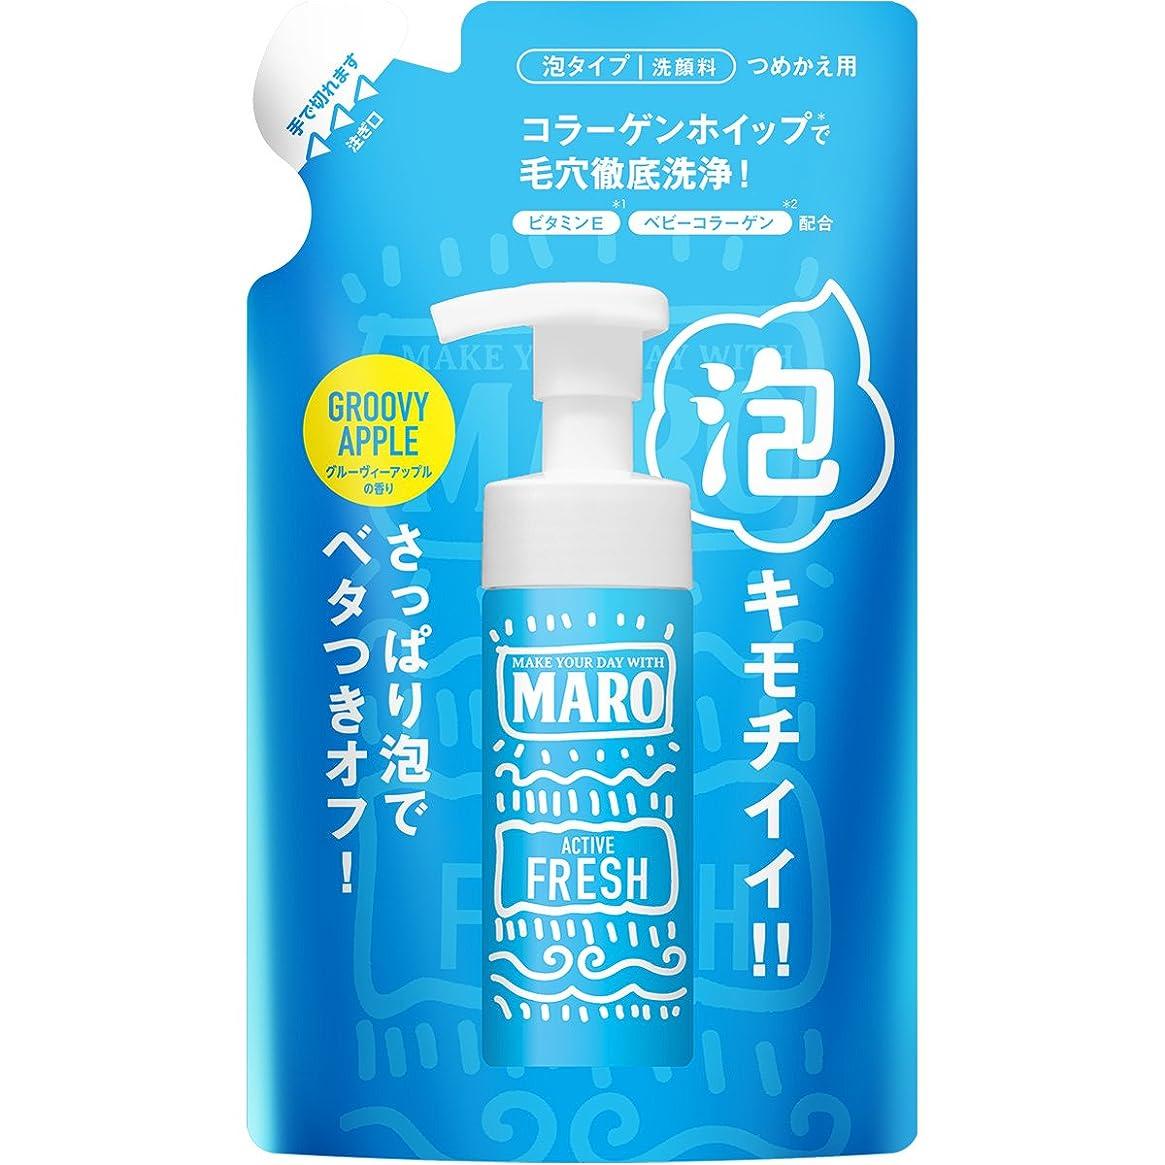 マート落ち込んでいるカートMARO グルーヴィー 泡洗顔 詰め替え アクティブフレッシュ 130ml